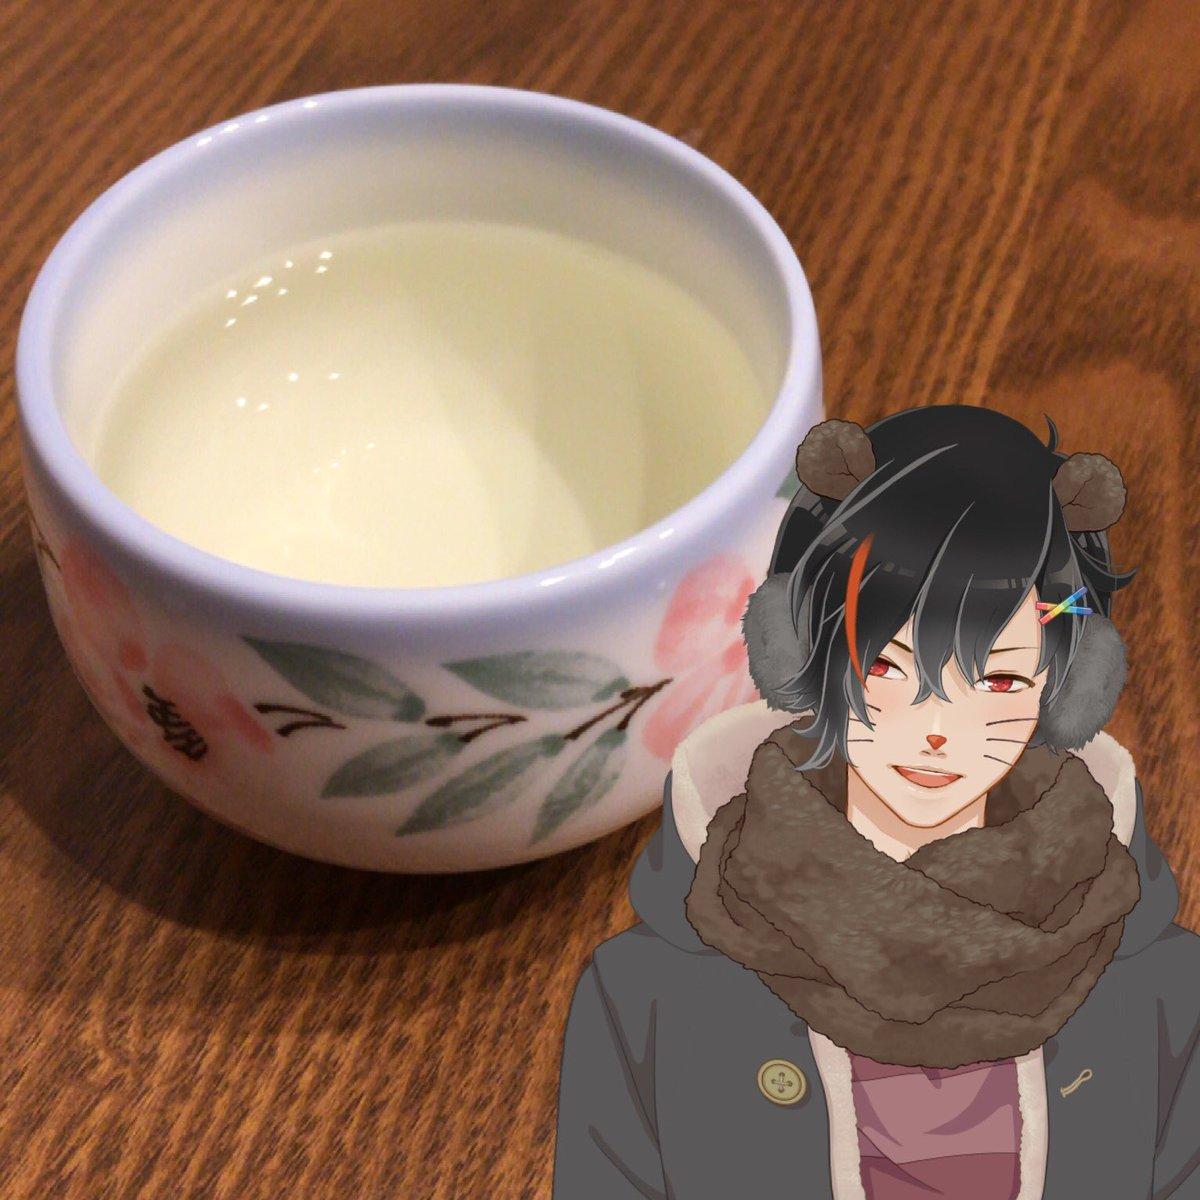 test ツイッターメディア - 見つけてしまった!出会ってしまった!三千櫻の日本酒🍶 北海道産米で作られたお酒がついに!  21年9月出荷のひやおろしです。よく冷やして飲む等色々あるそうですが、単純に寒い🥶ので温めてぬる燗にして飲んでます。 すっごい楽しみにしていました✨  感想は「んーっまーい!!☺️」 https://t.co/KpEb49Jey7